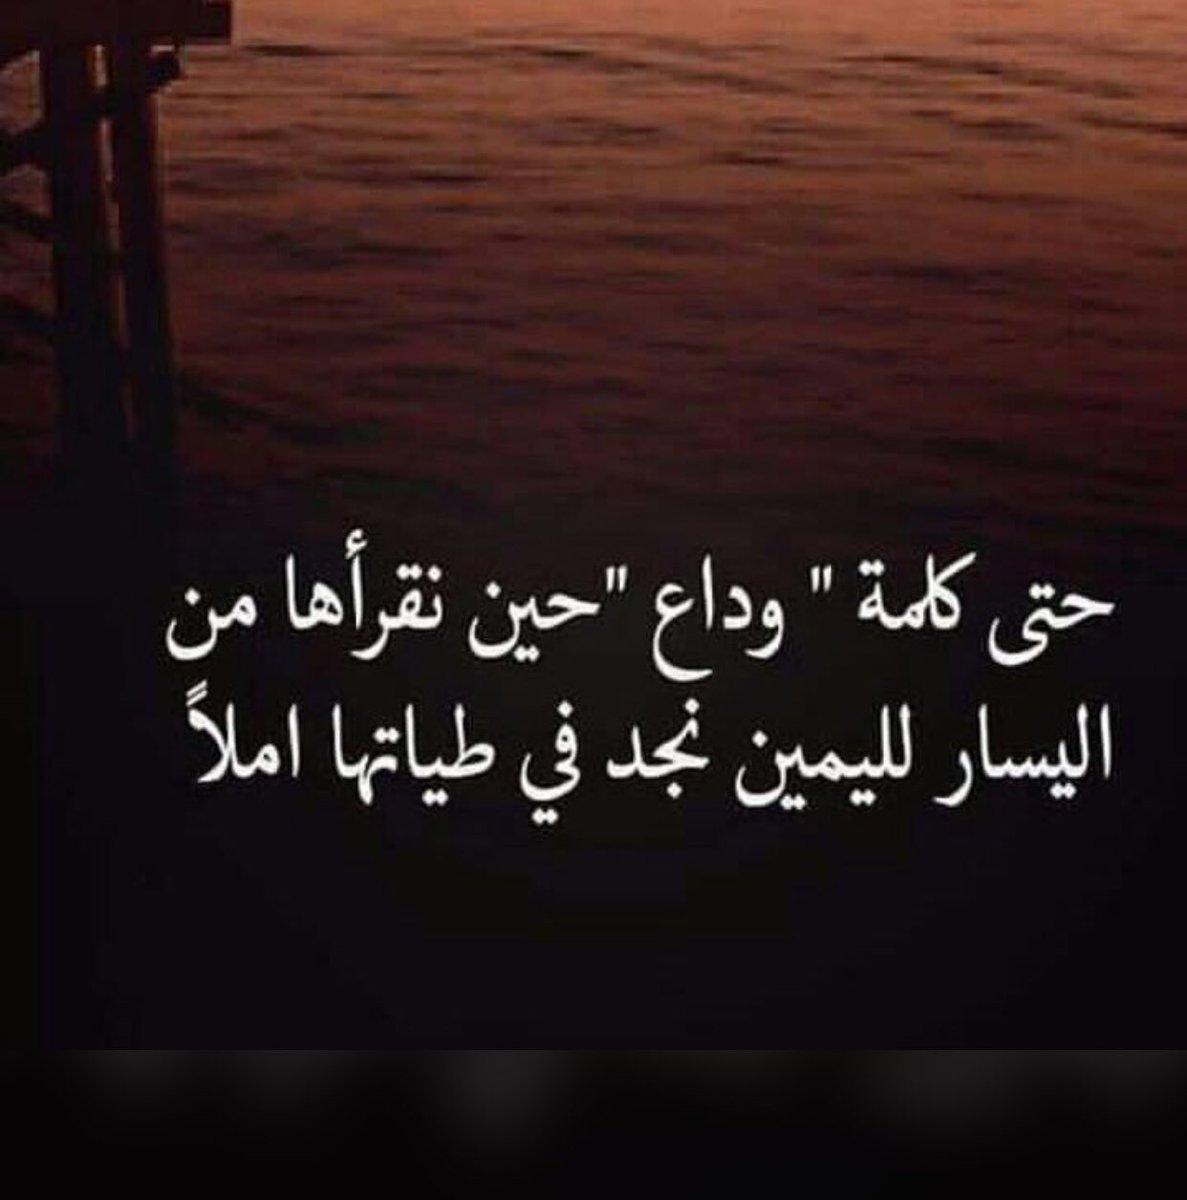 بالصور شعر عن الوداع , اجمل ما قيل من شعر في الوداع 994 9